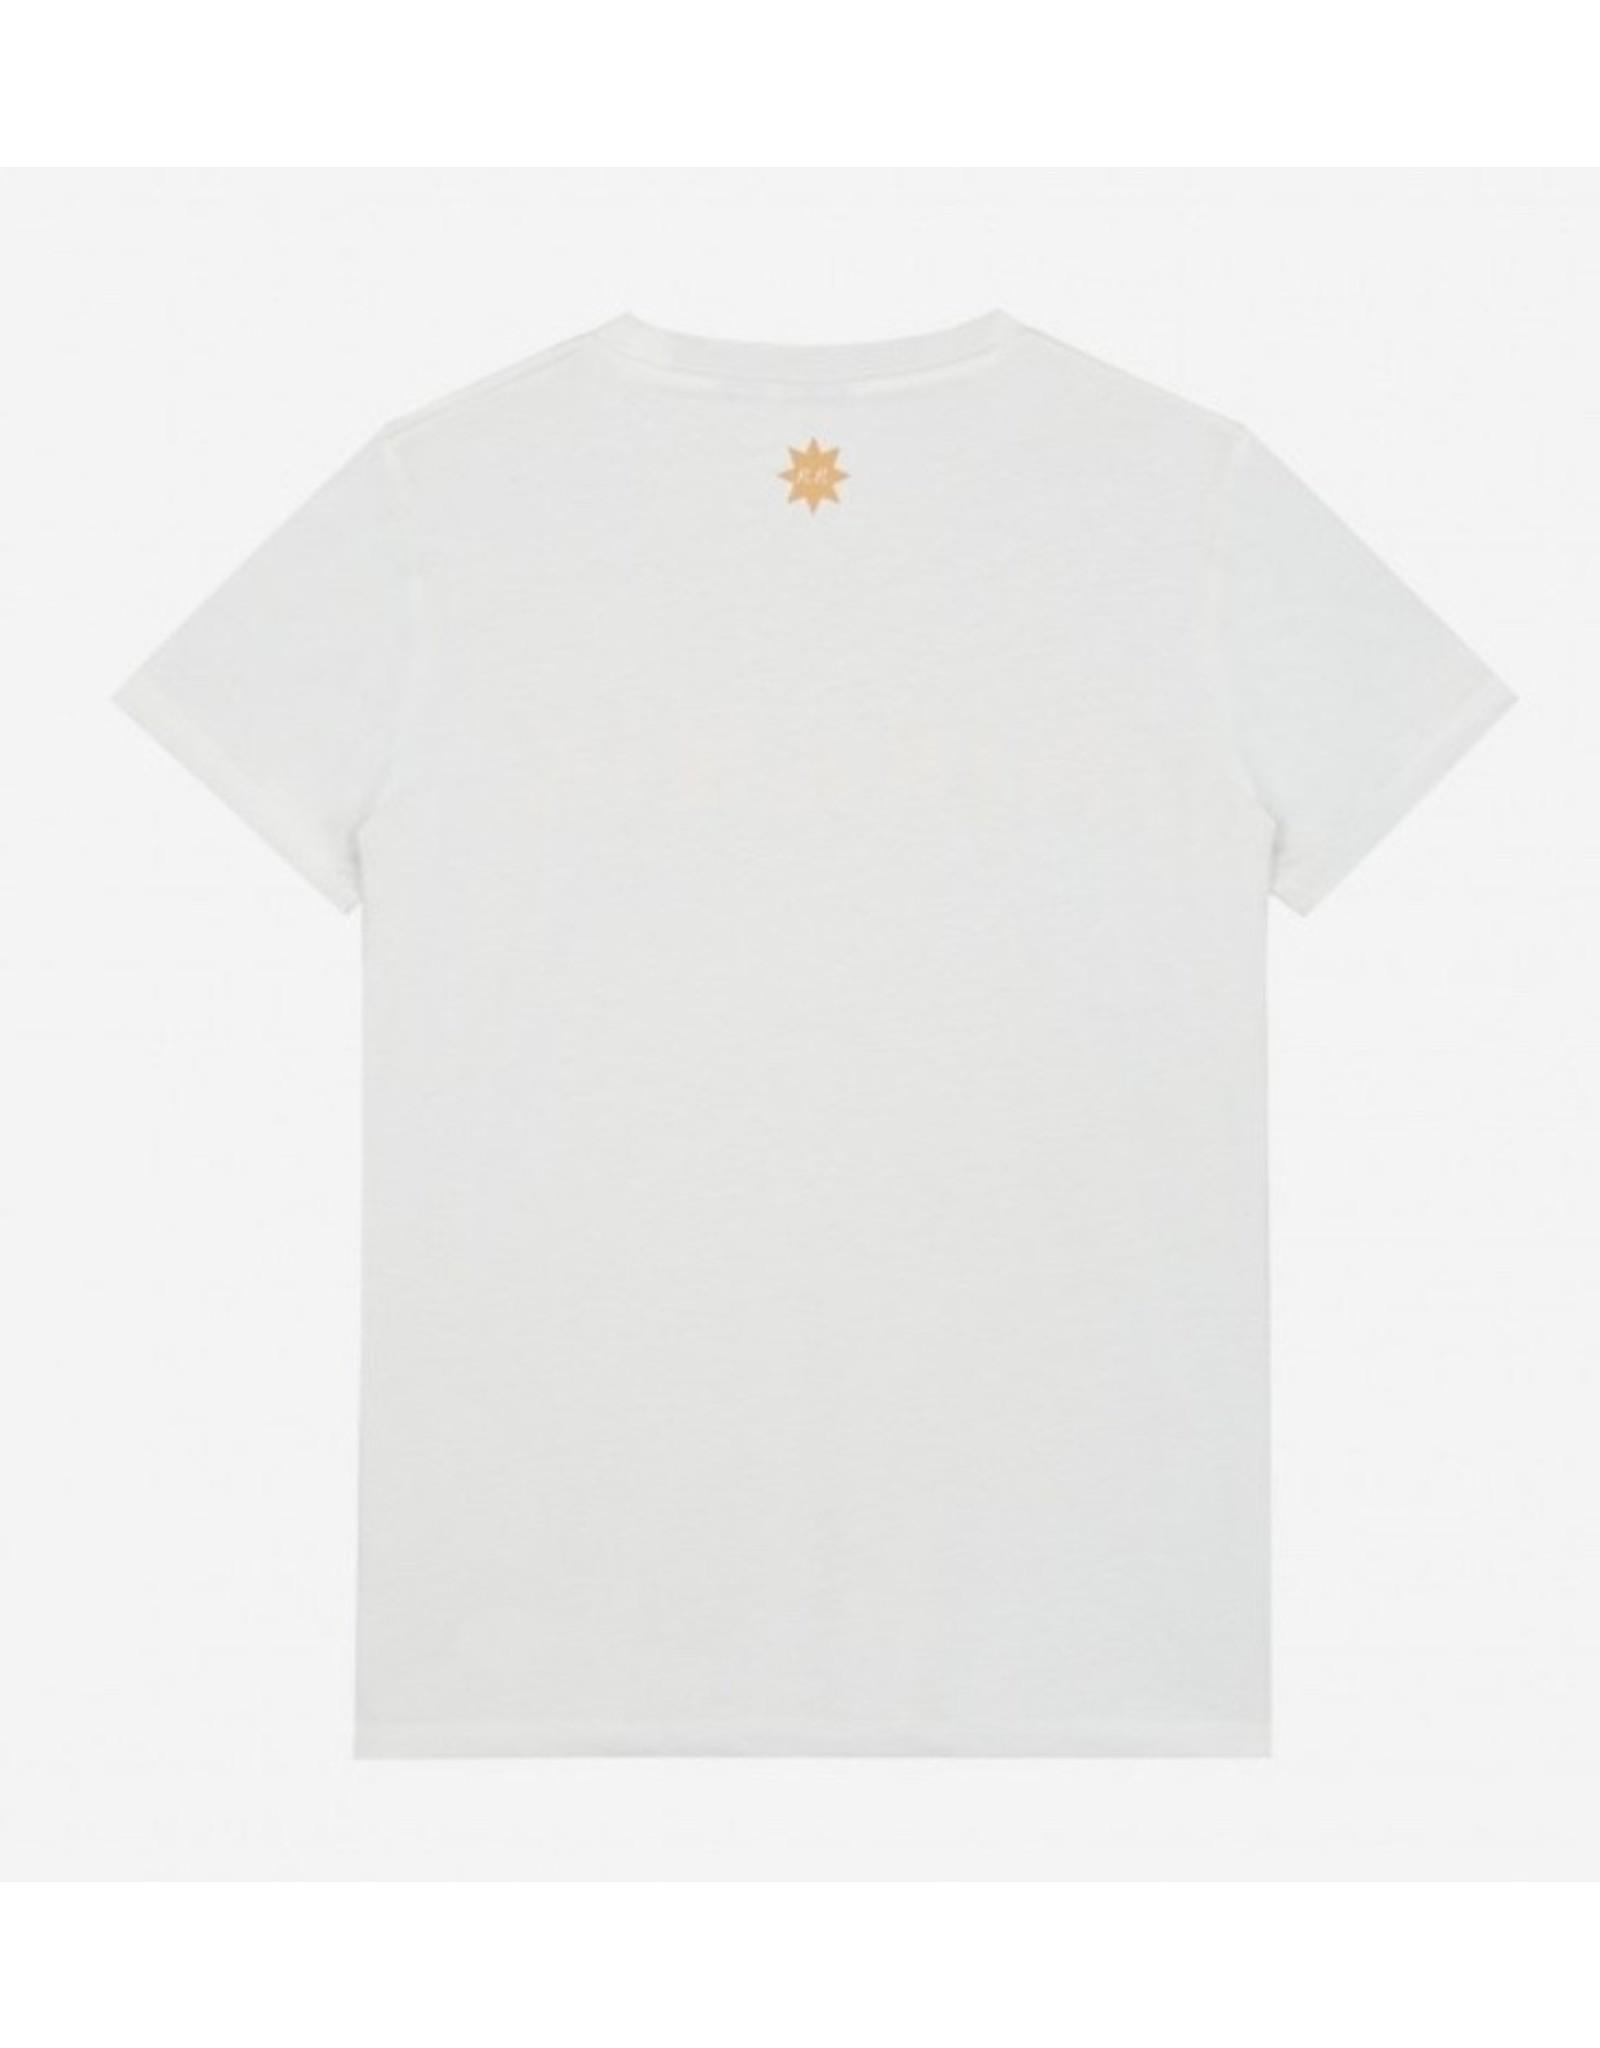 Nik & Nik More love T-Shirt